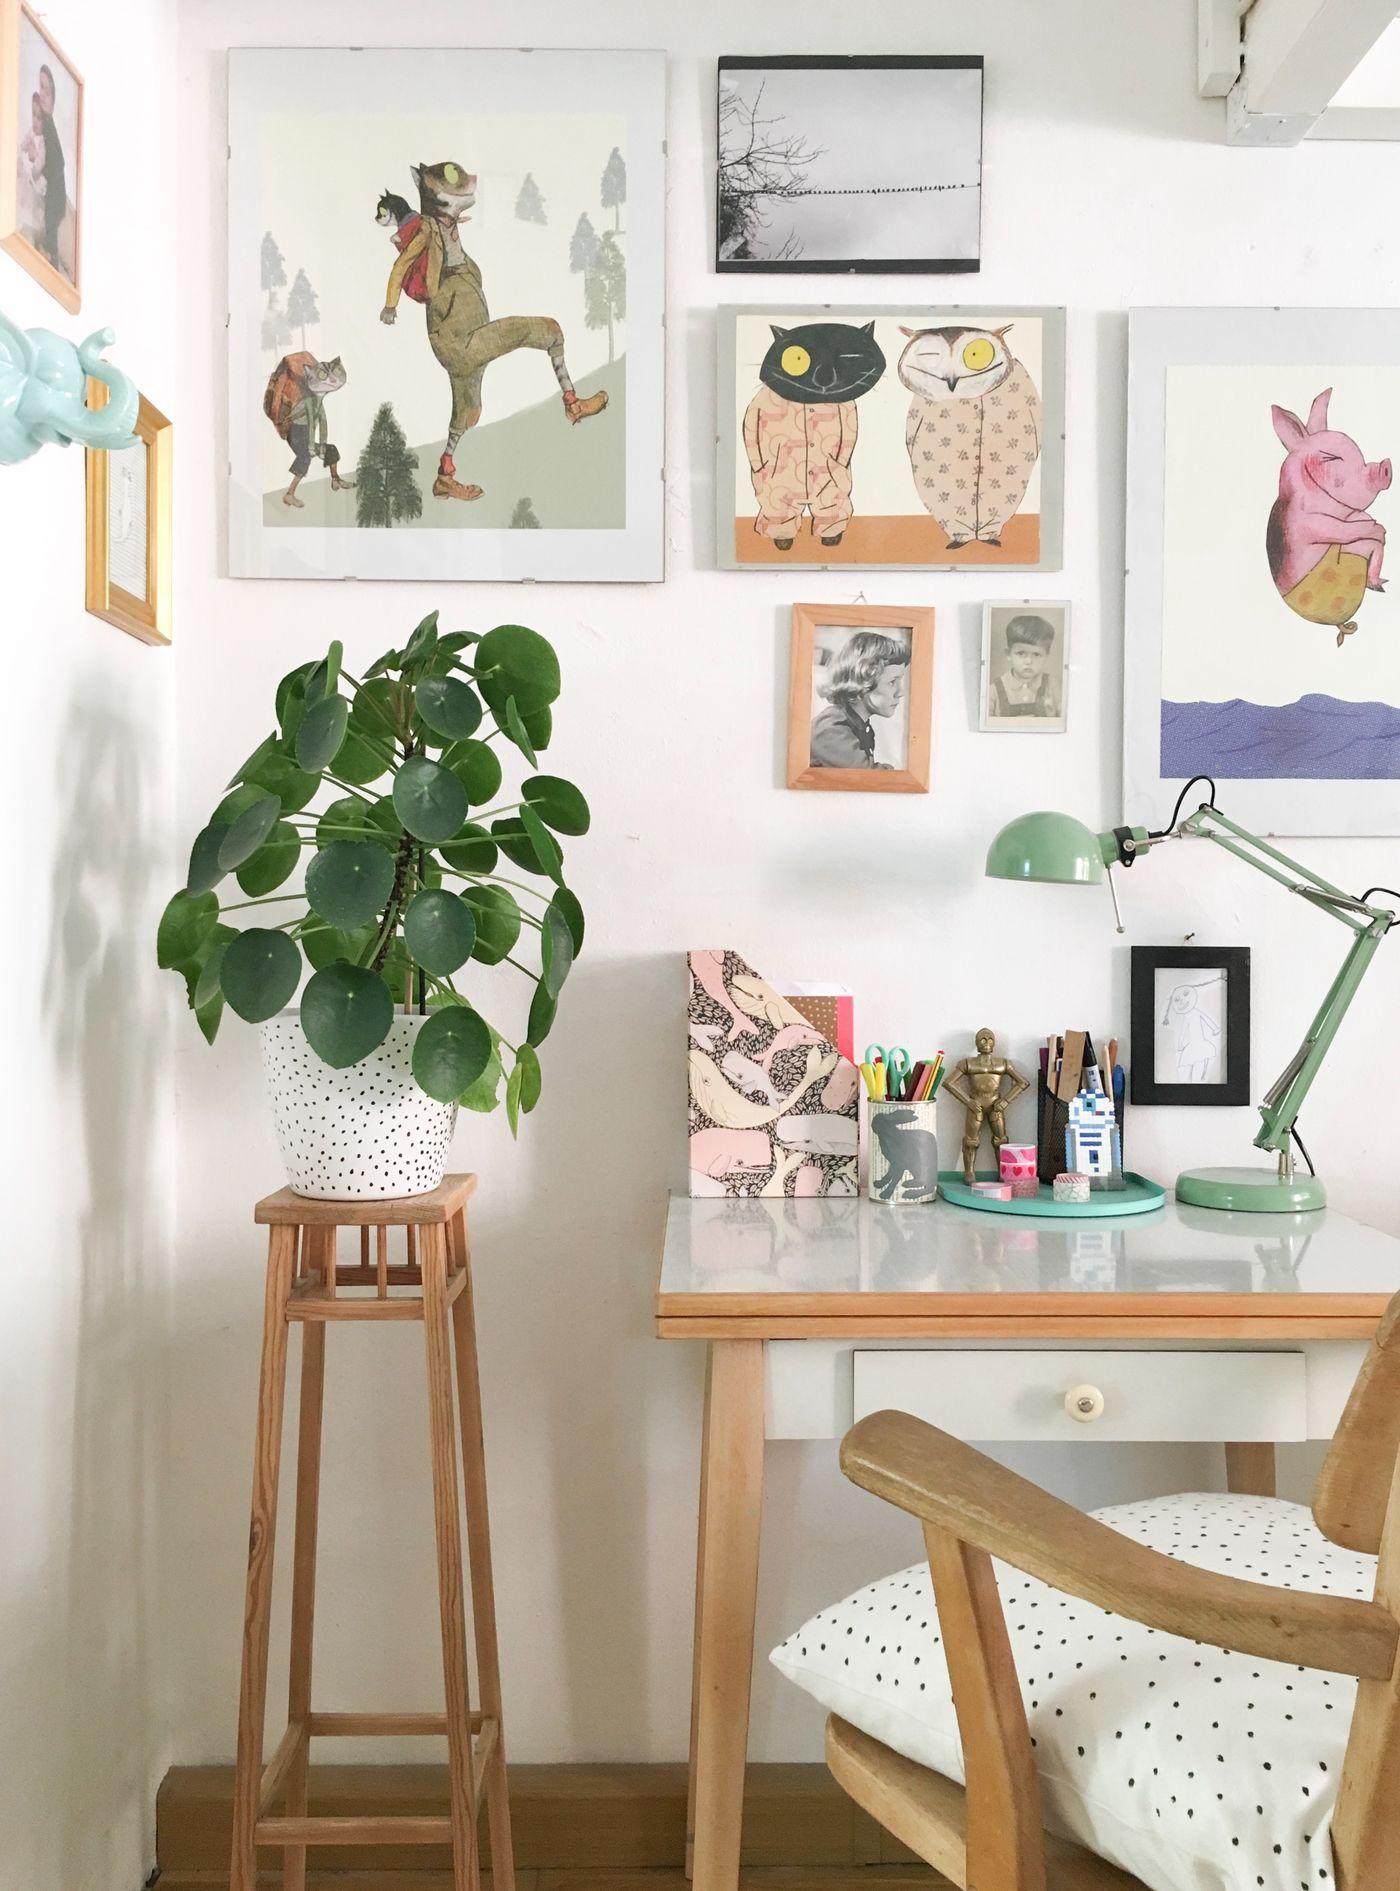 arbeitszimmer einrichten die besten ideen seite 6. Black Bedroom Furniture Sets. Home Design Ideas